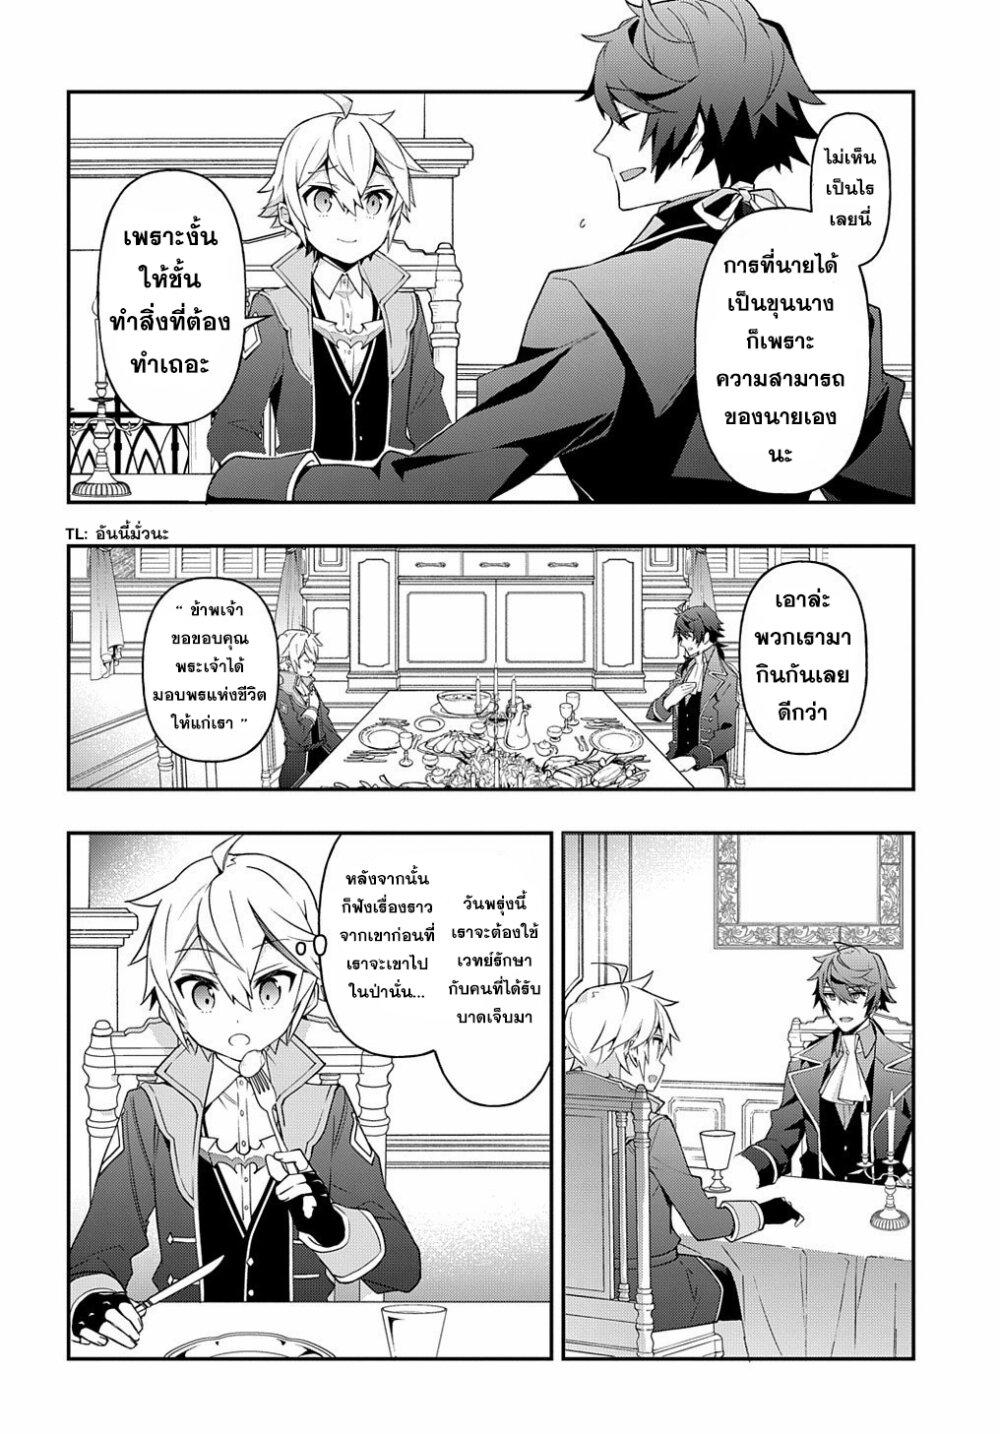 อ่านการ์ตูน Tensei Kizoku no Isekai Boukenroku ~Jichou wo Shiranai Kamigami no Shito~ ตอนที่ 29 หน้าที่ 30